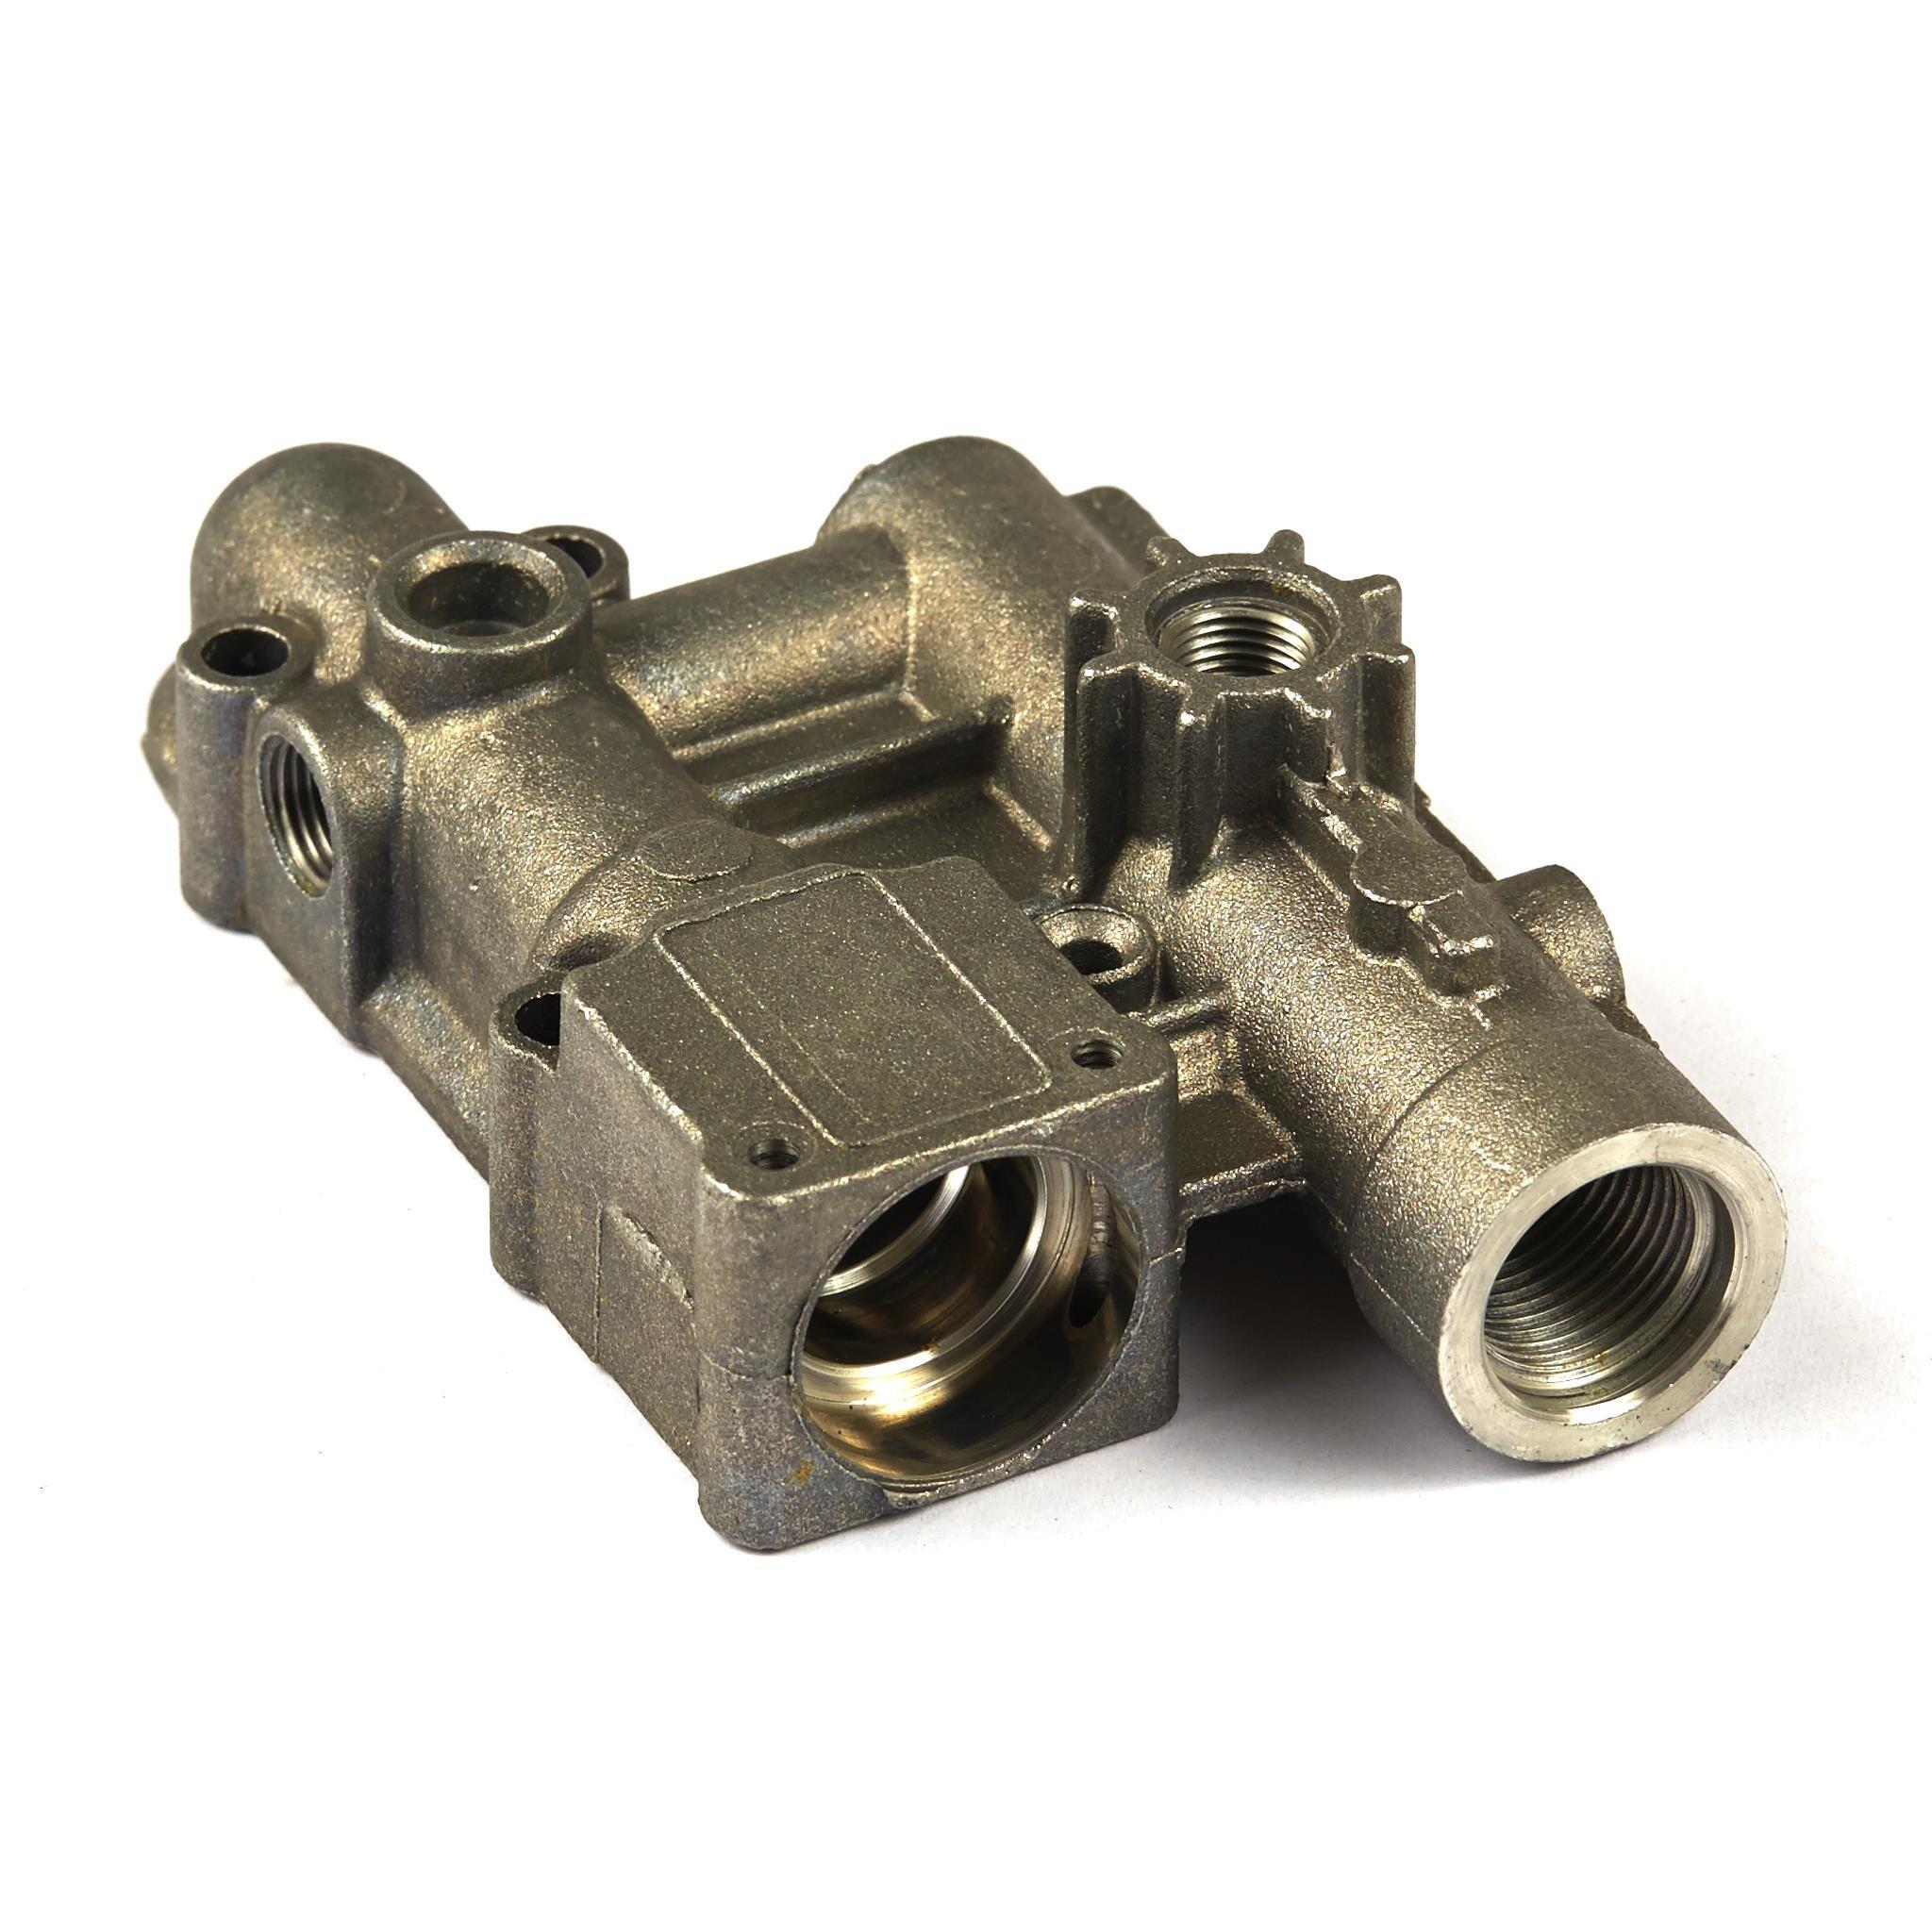 Briggs & Stratton 190627GS Pressure Washer Pump Unloader Manifold by Briggs & Stratton